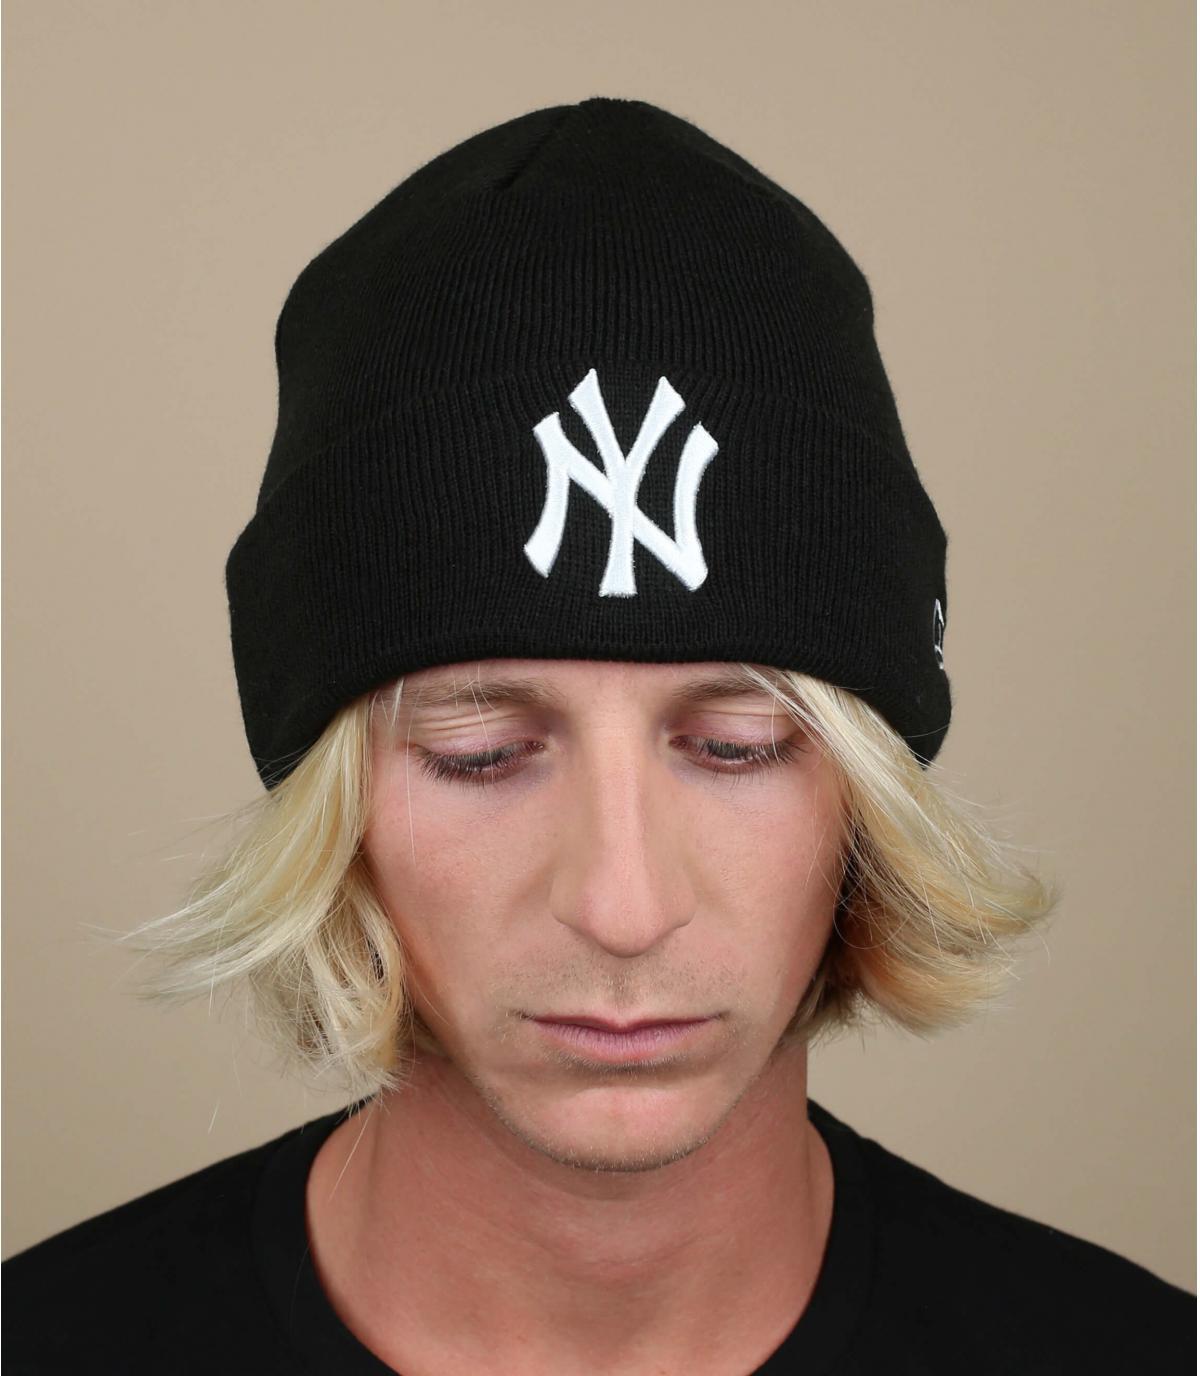 NY cap wit zwart revers